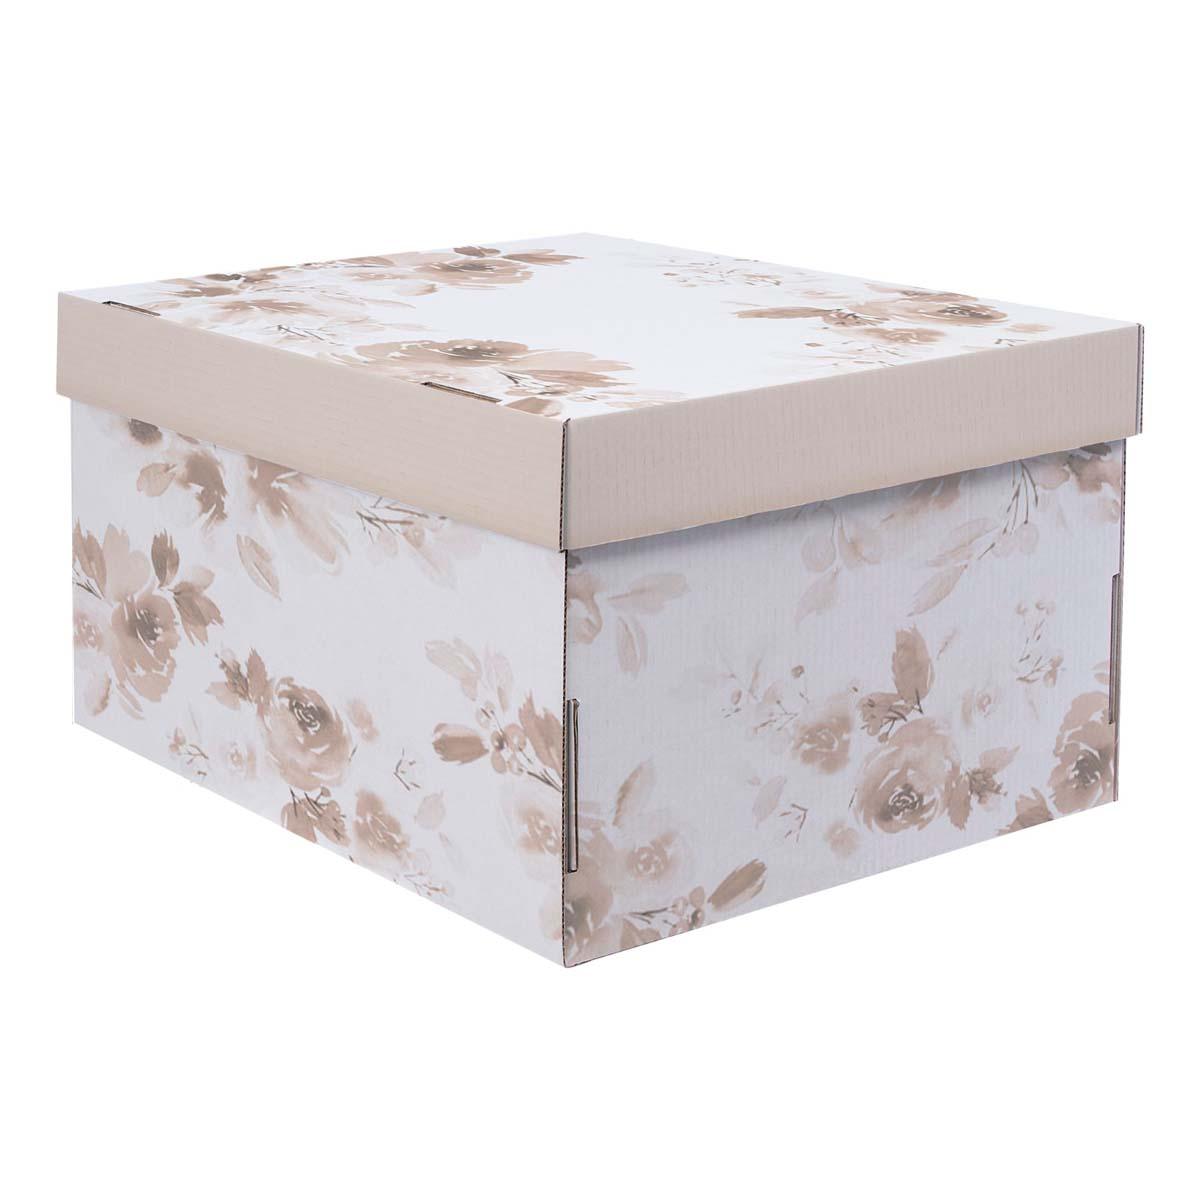 2640208 Складная коробка «Для твоих мечтаний», 31,2*25,6*16,1 см